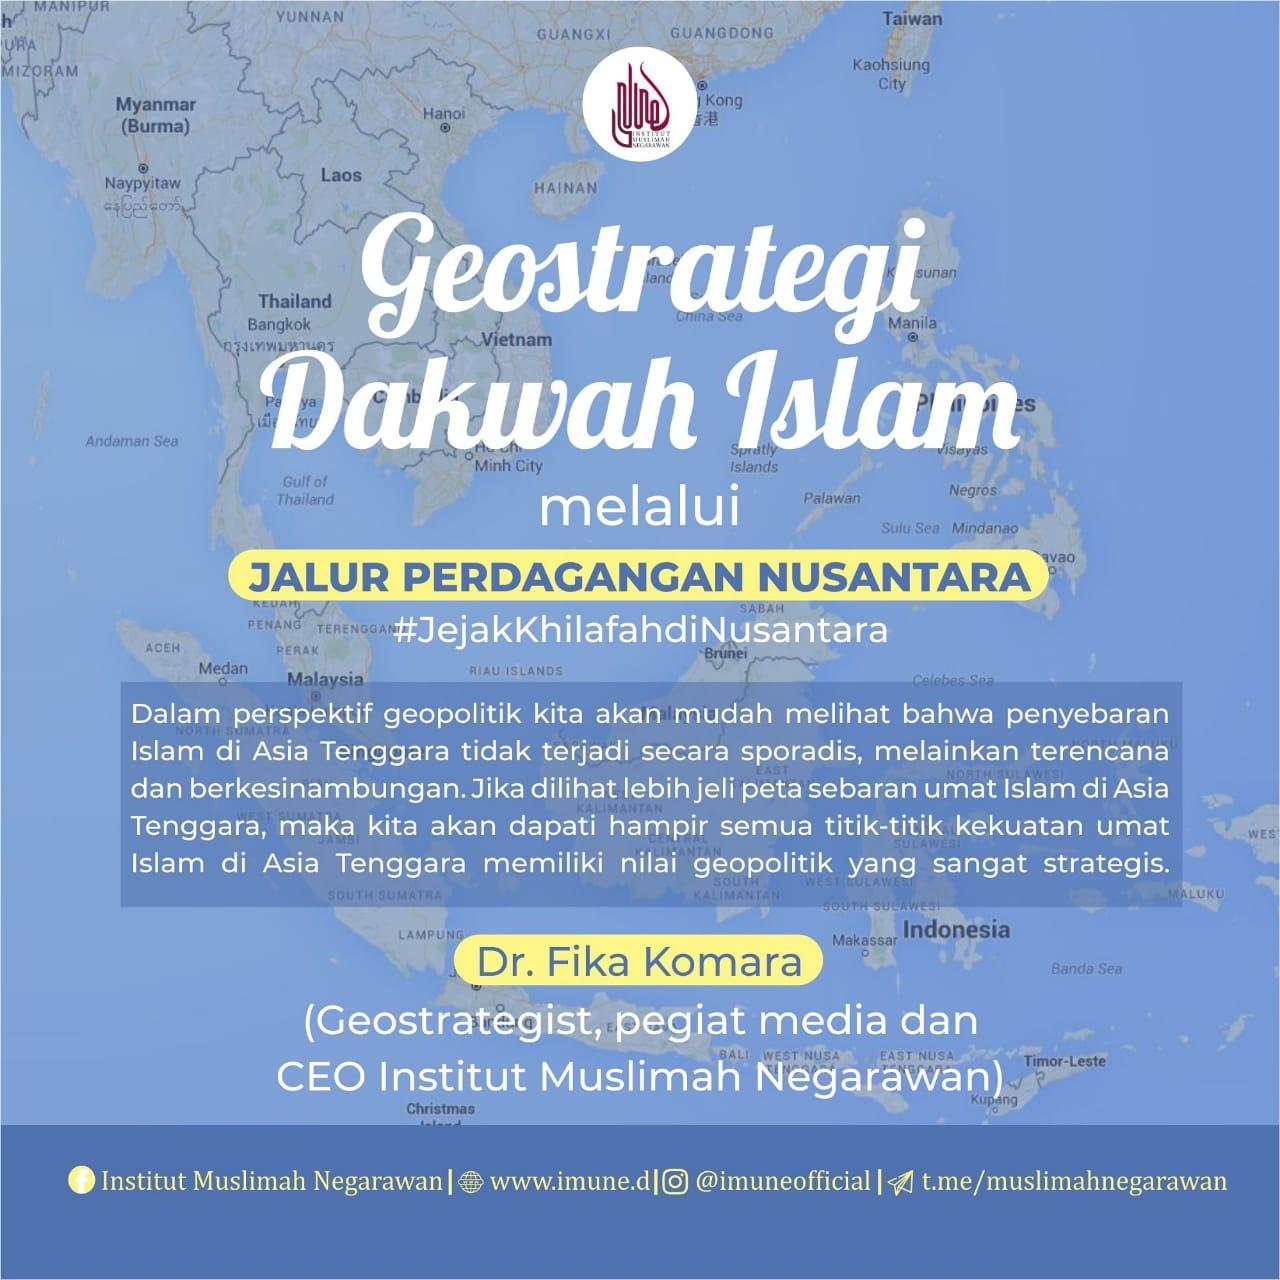 Geostrategi Dakwah Islam melalui Jalur Perdagangan Nusantara